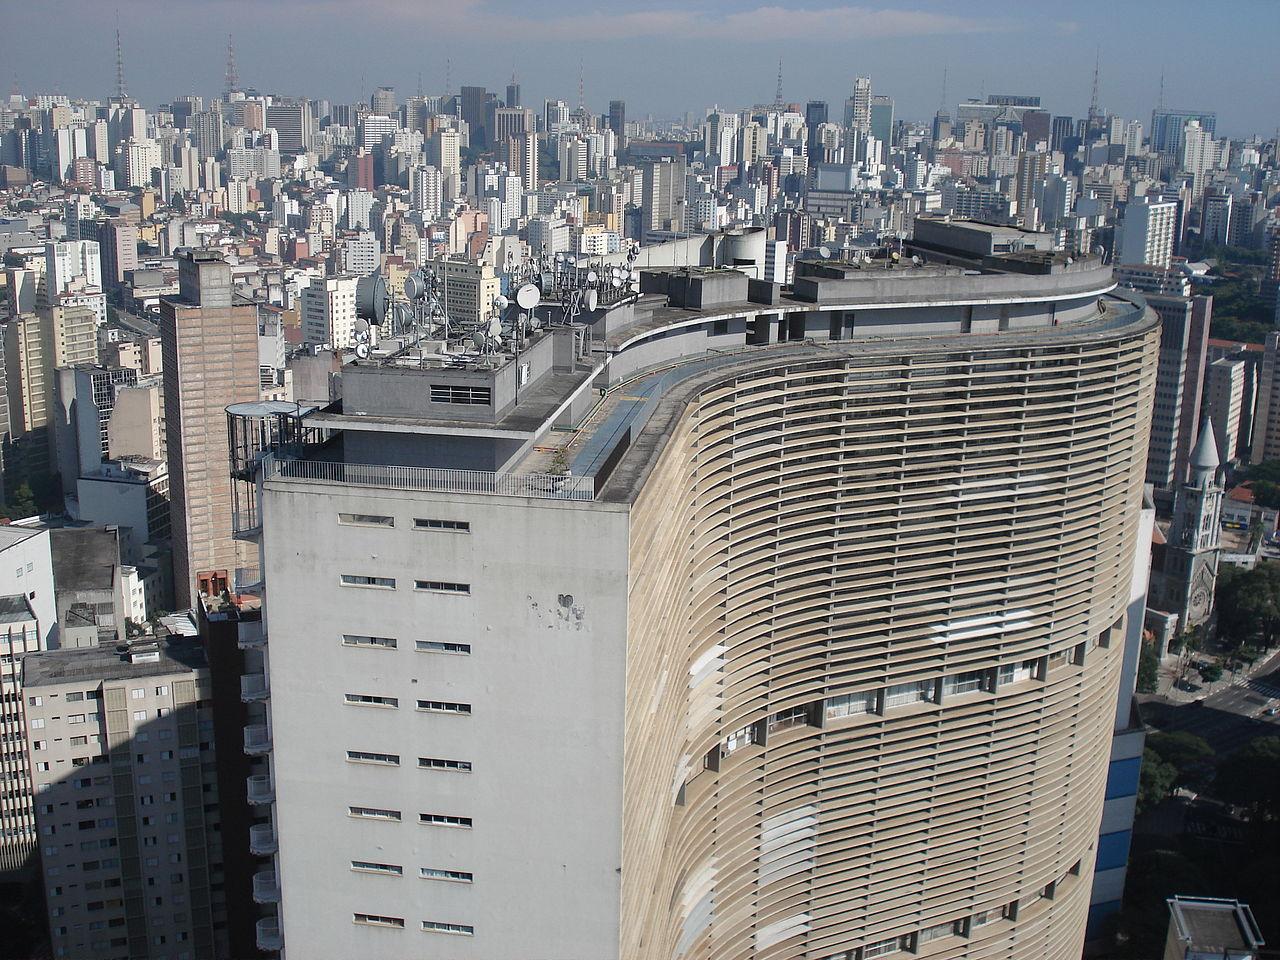 Obras de Oscar Niemeyer  precisam de reformas / São Paulo - SP, Edifício Copan © Rhcastilhos - via wikimedia commons